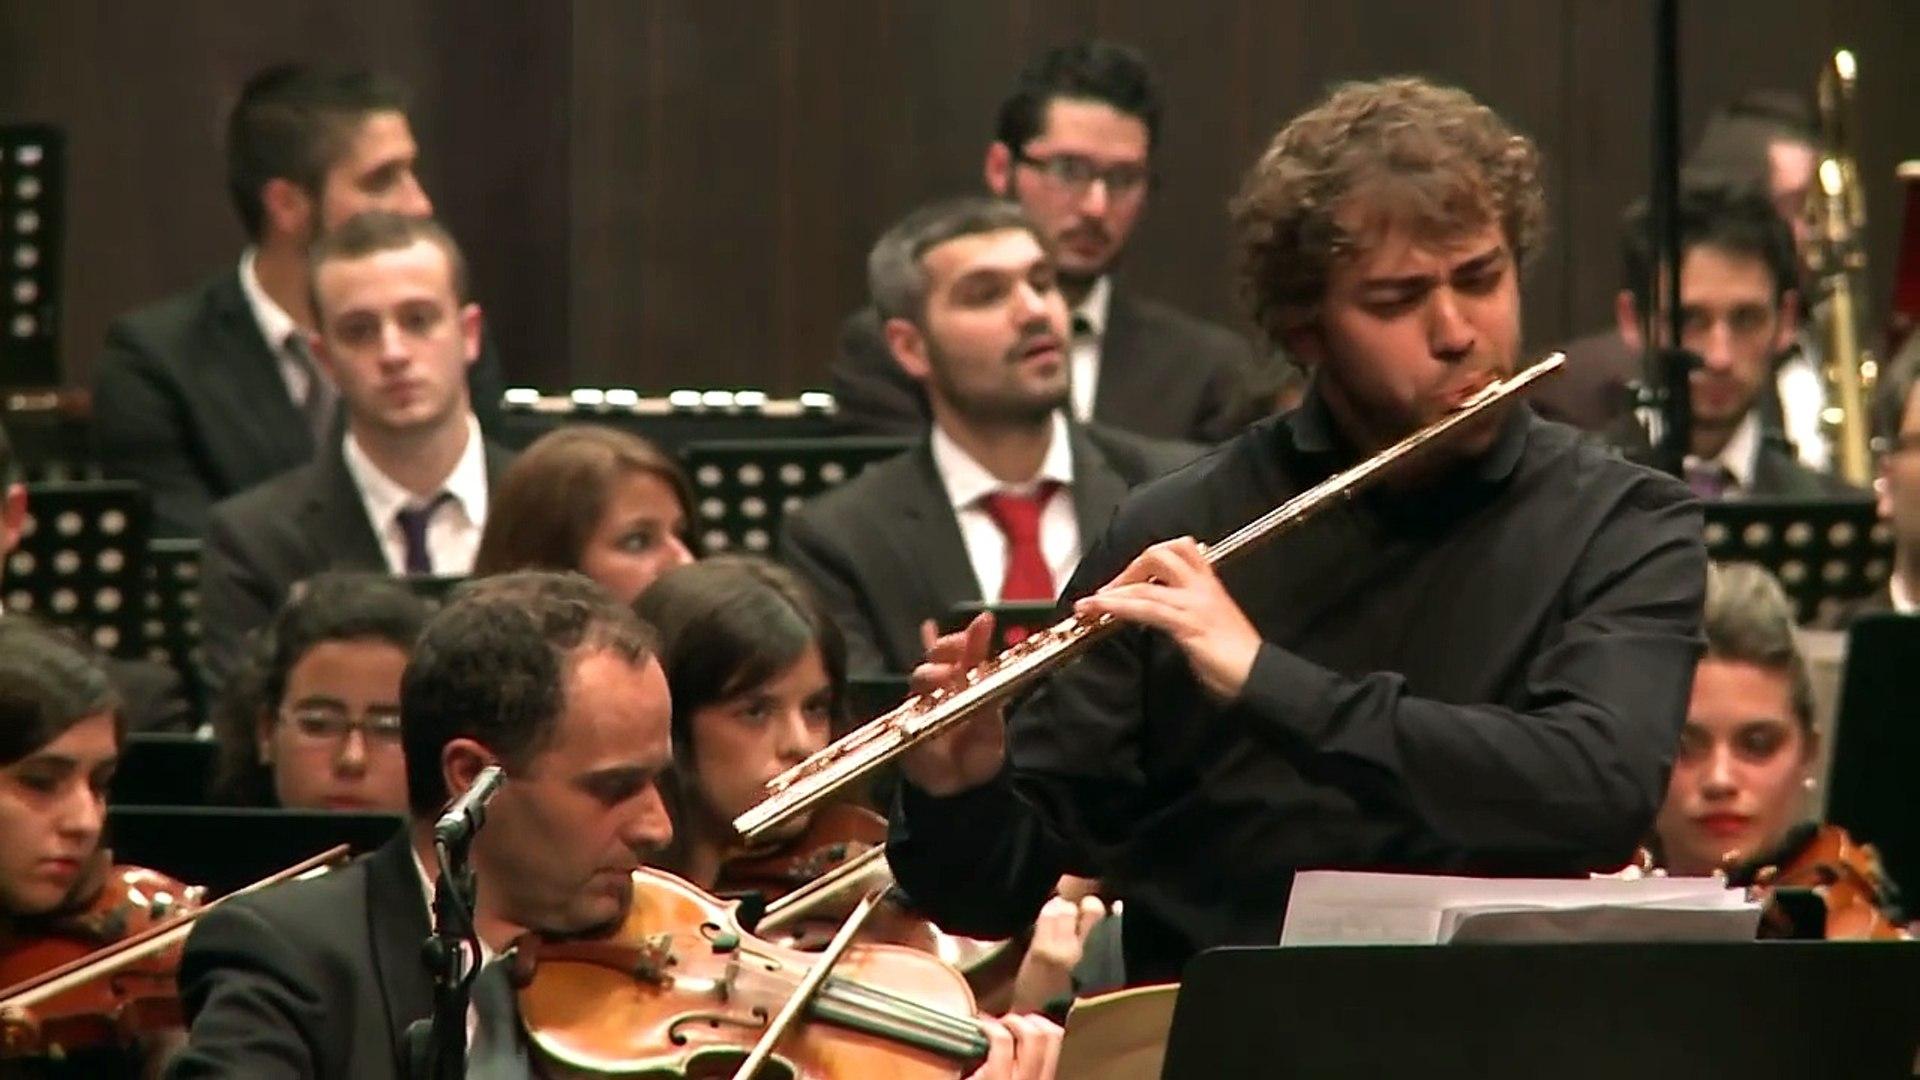 Astor Piazzolla: Oblivion. Orquesta Gaos, André Cebrián, flauta, Fernando Briones, director